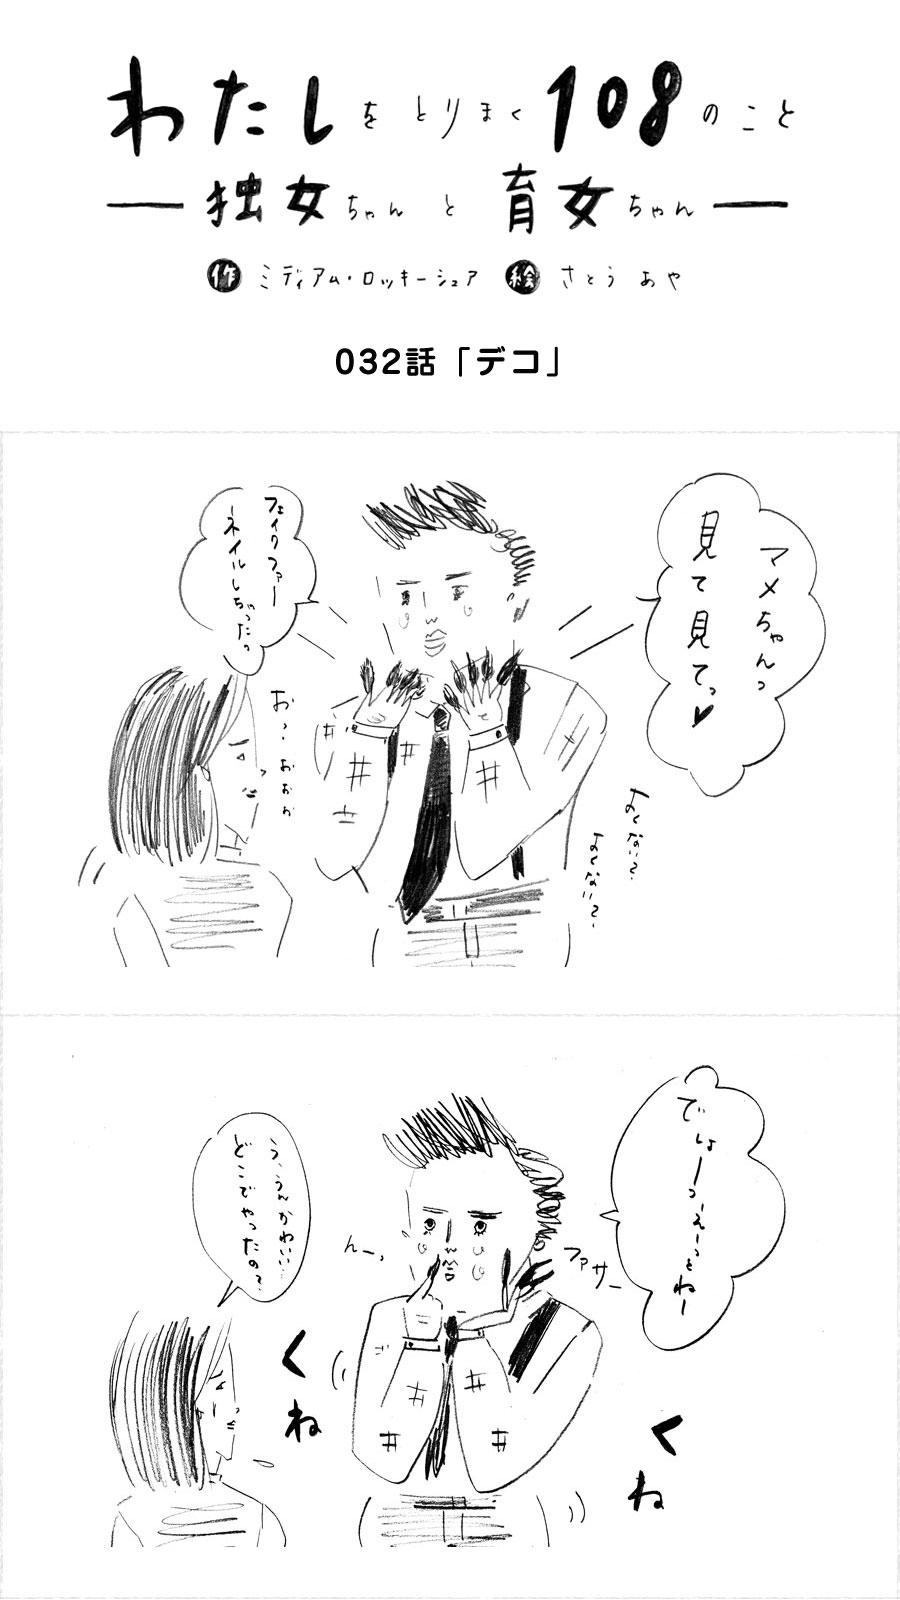 032_デコ_独女ちゃん_000